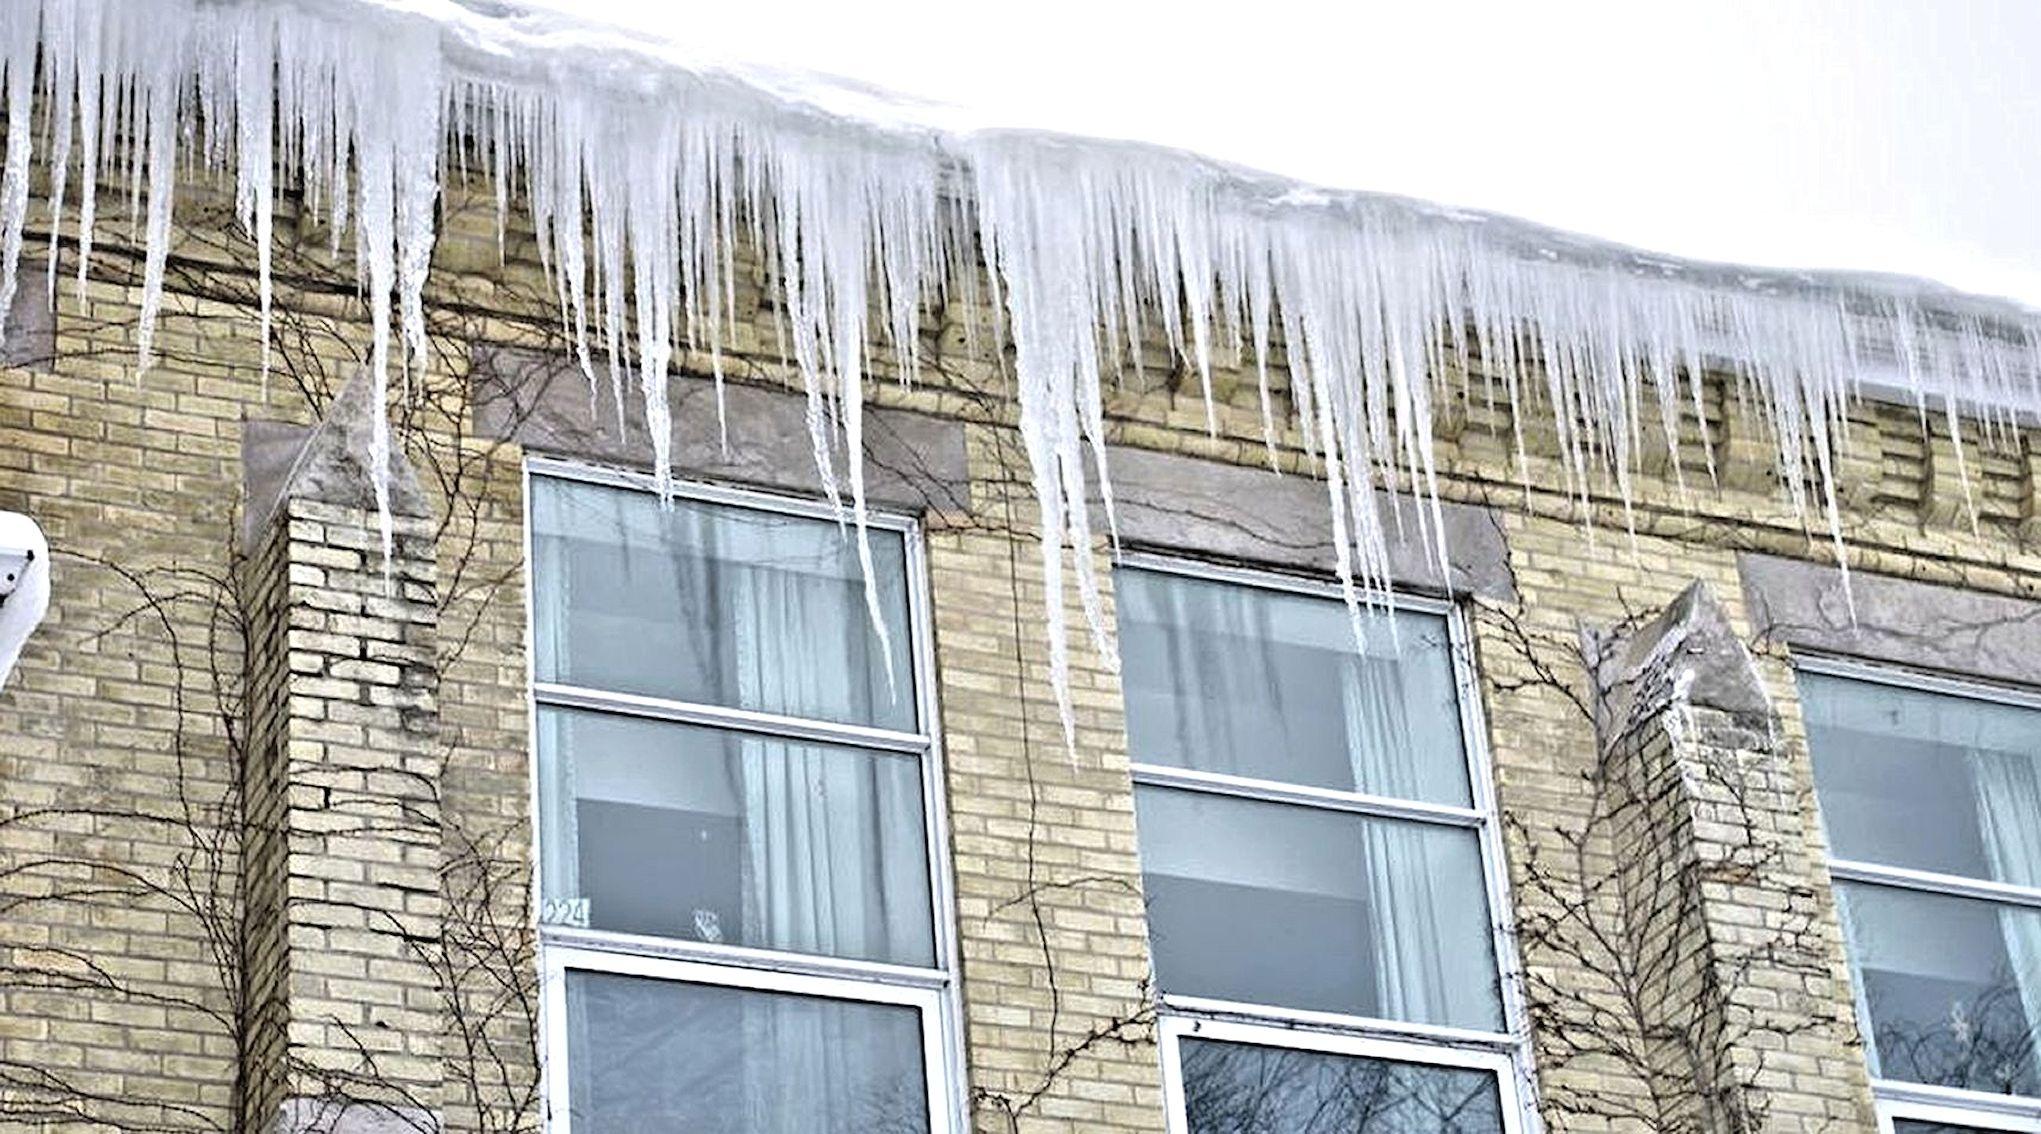 Images Gratuites : hiver, architecture, fenêtre, mur, la glace ...